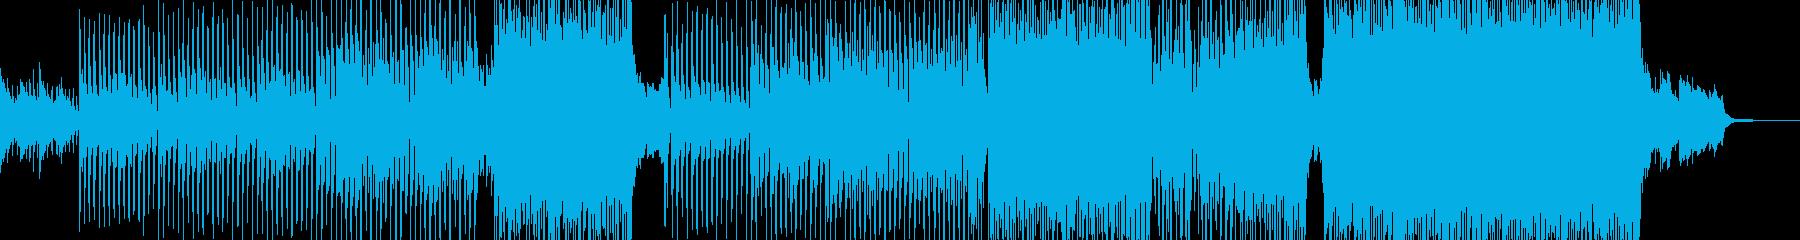 涙を笑顔に テクノ・後半エレキ有 Sの再生済みの波形